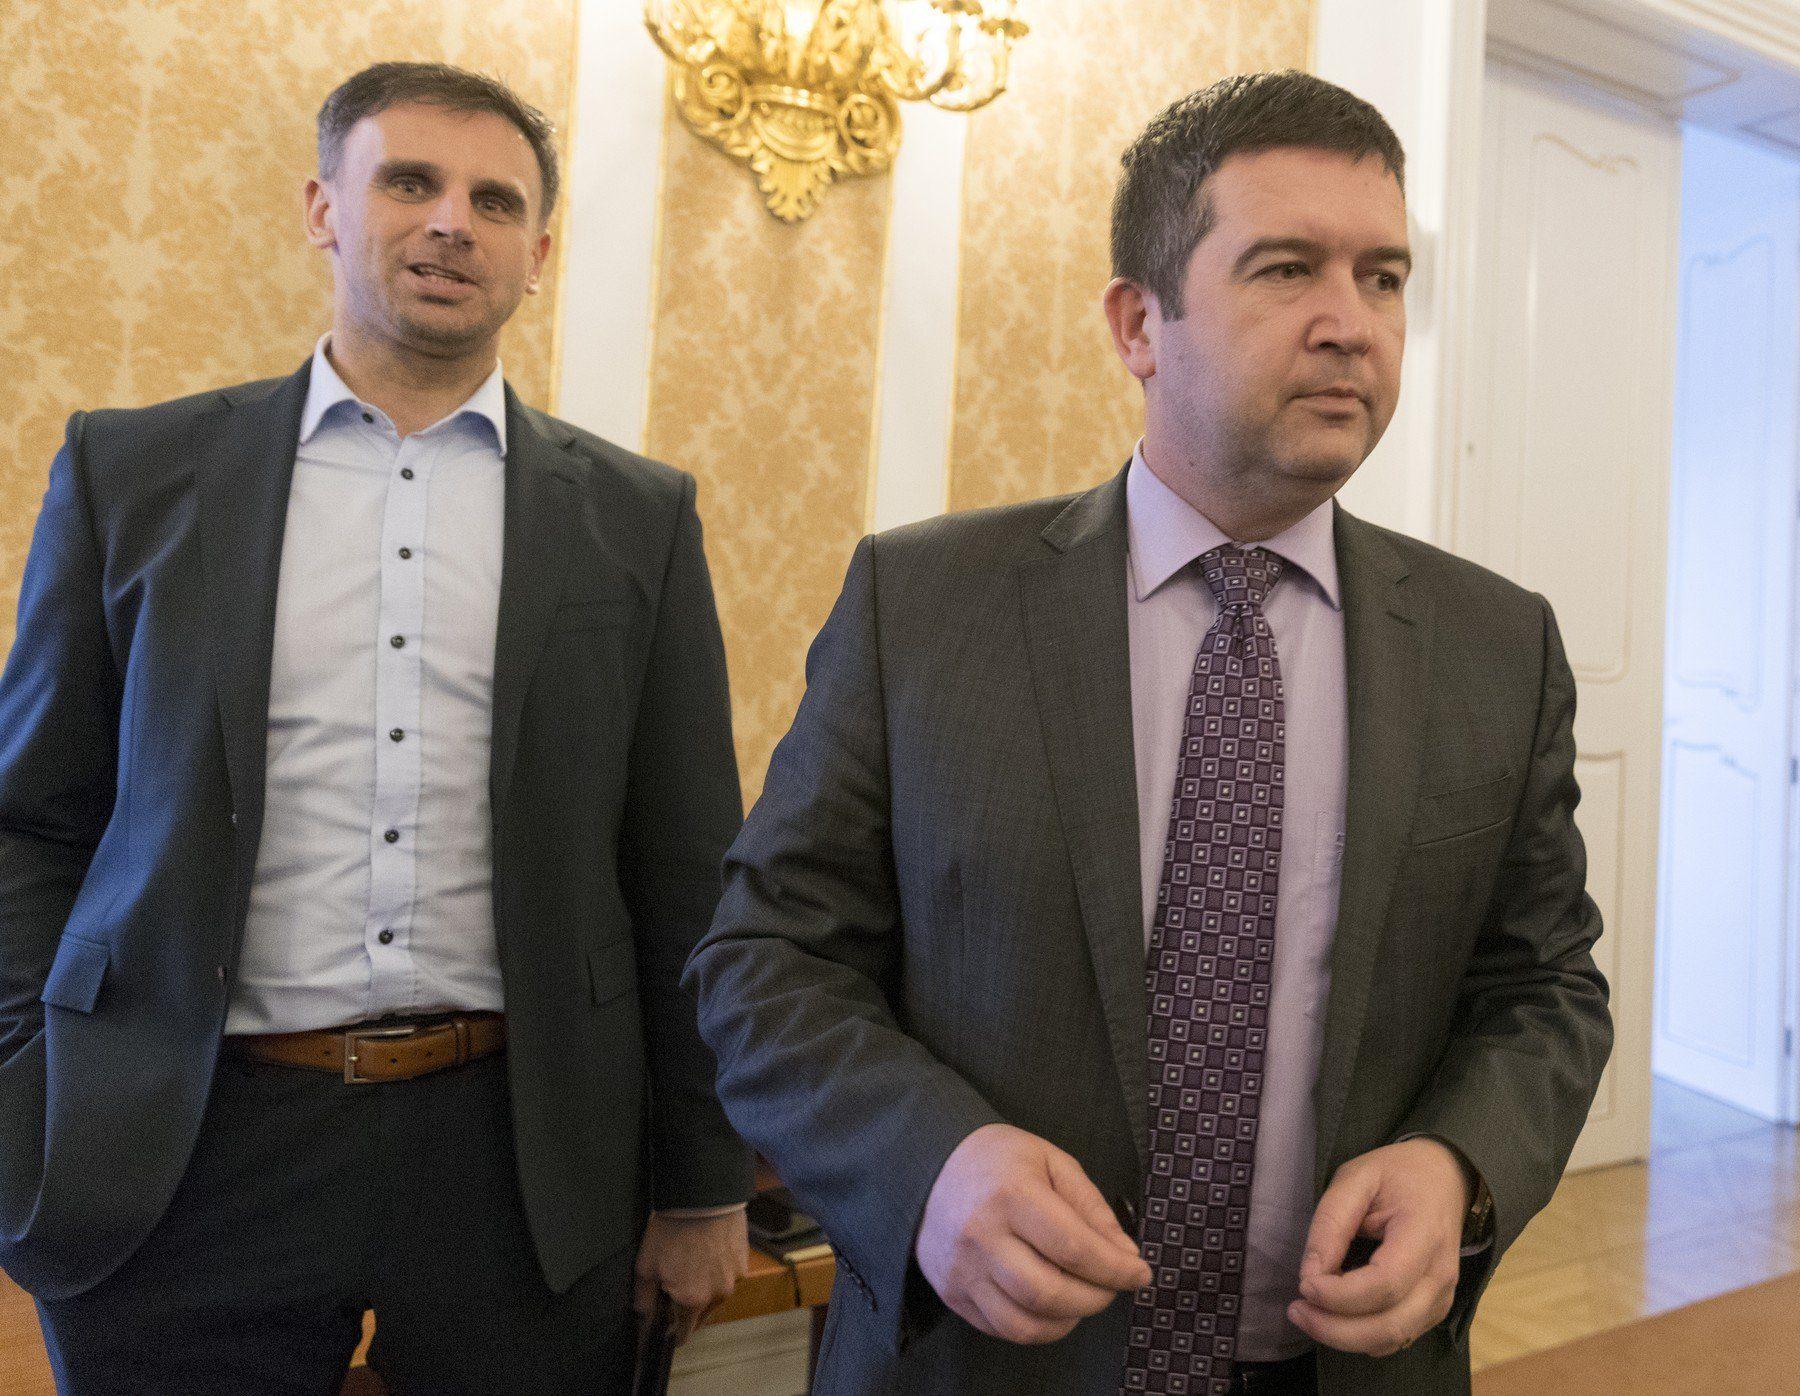 Někdejší hejtman ČSSD Jiří Zimola na snímku se šéfem strany Janem Hamáčkem